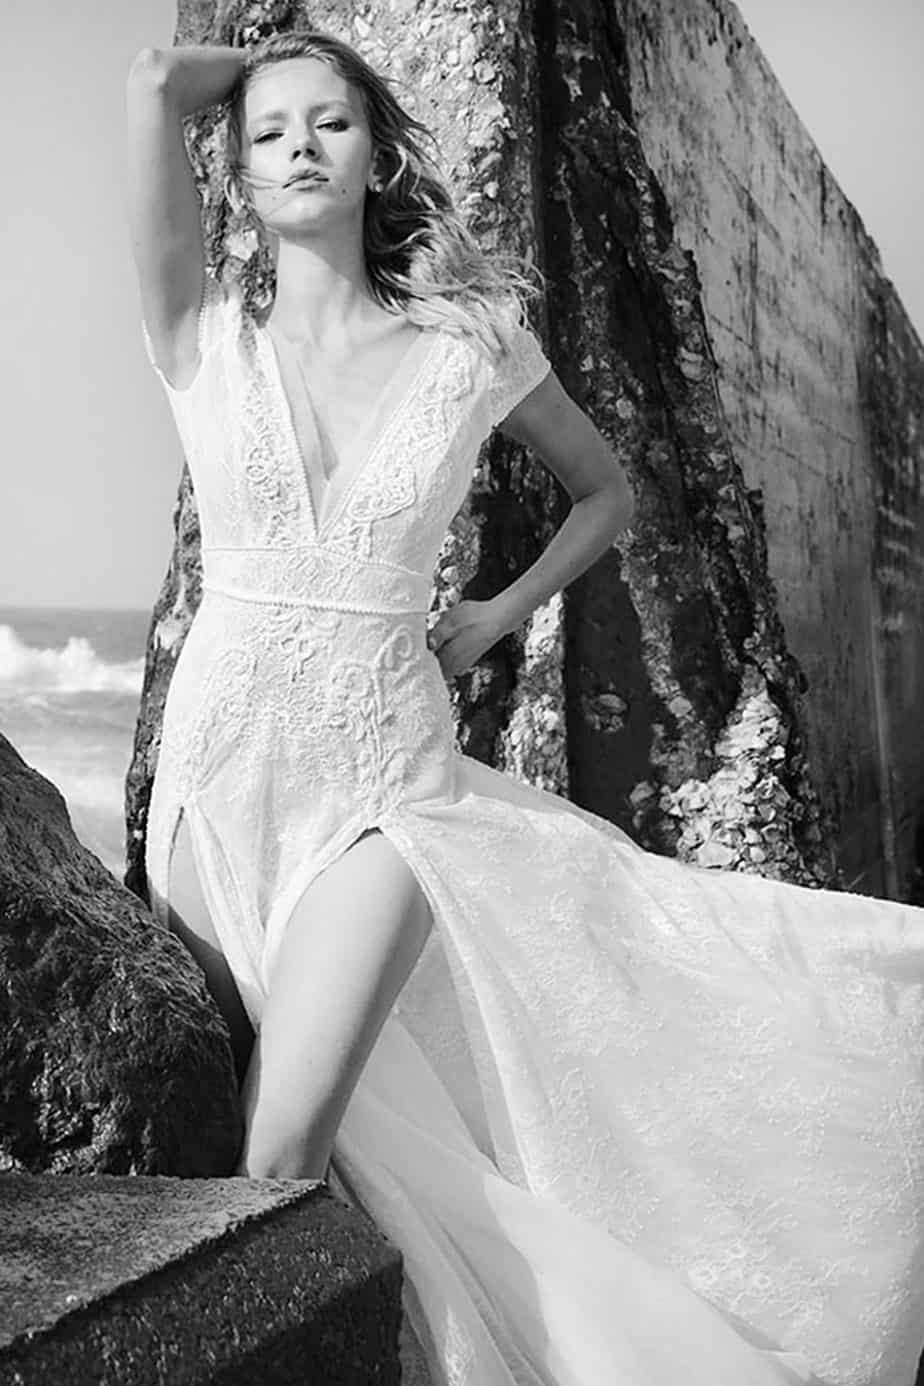 שמלת כלה של אניה פליט, צילום אלון שפרנסקי - 12